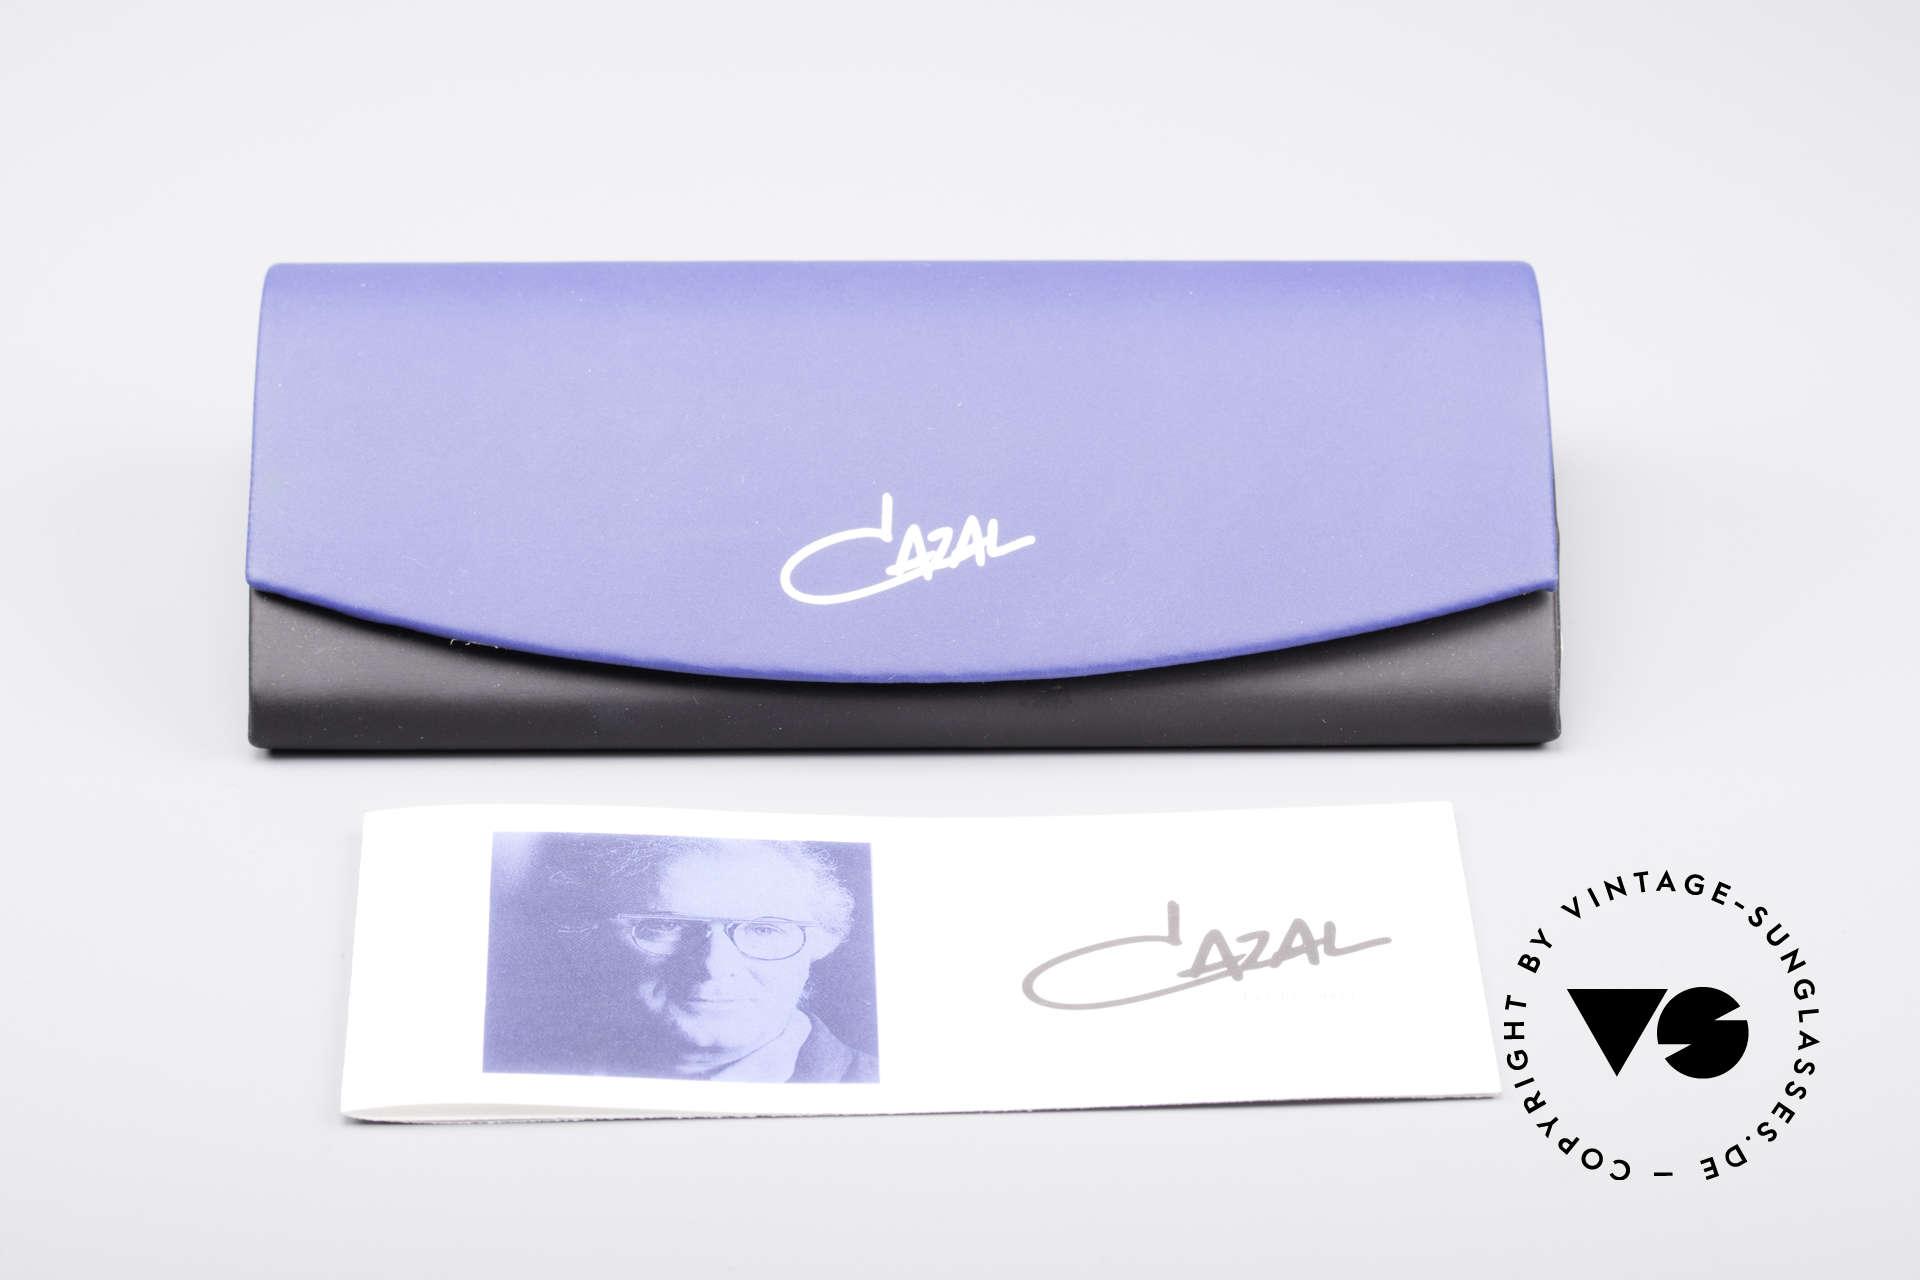 Cazal 971 Super Seltene Designerbrille, ein Highlight für Individualisten und Design-Liebhaber, Passend für Herren